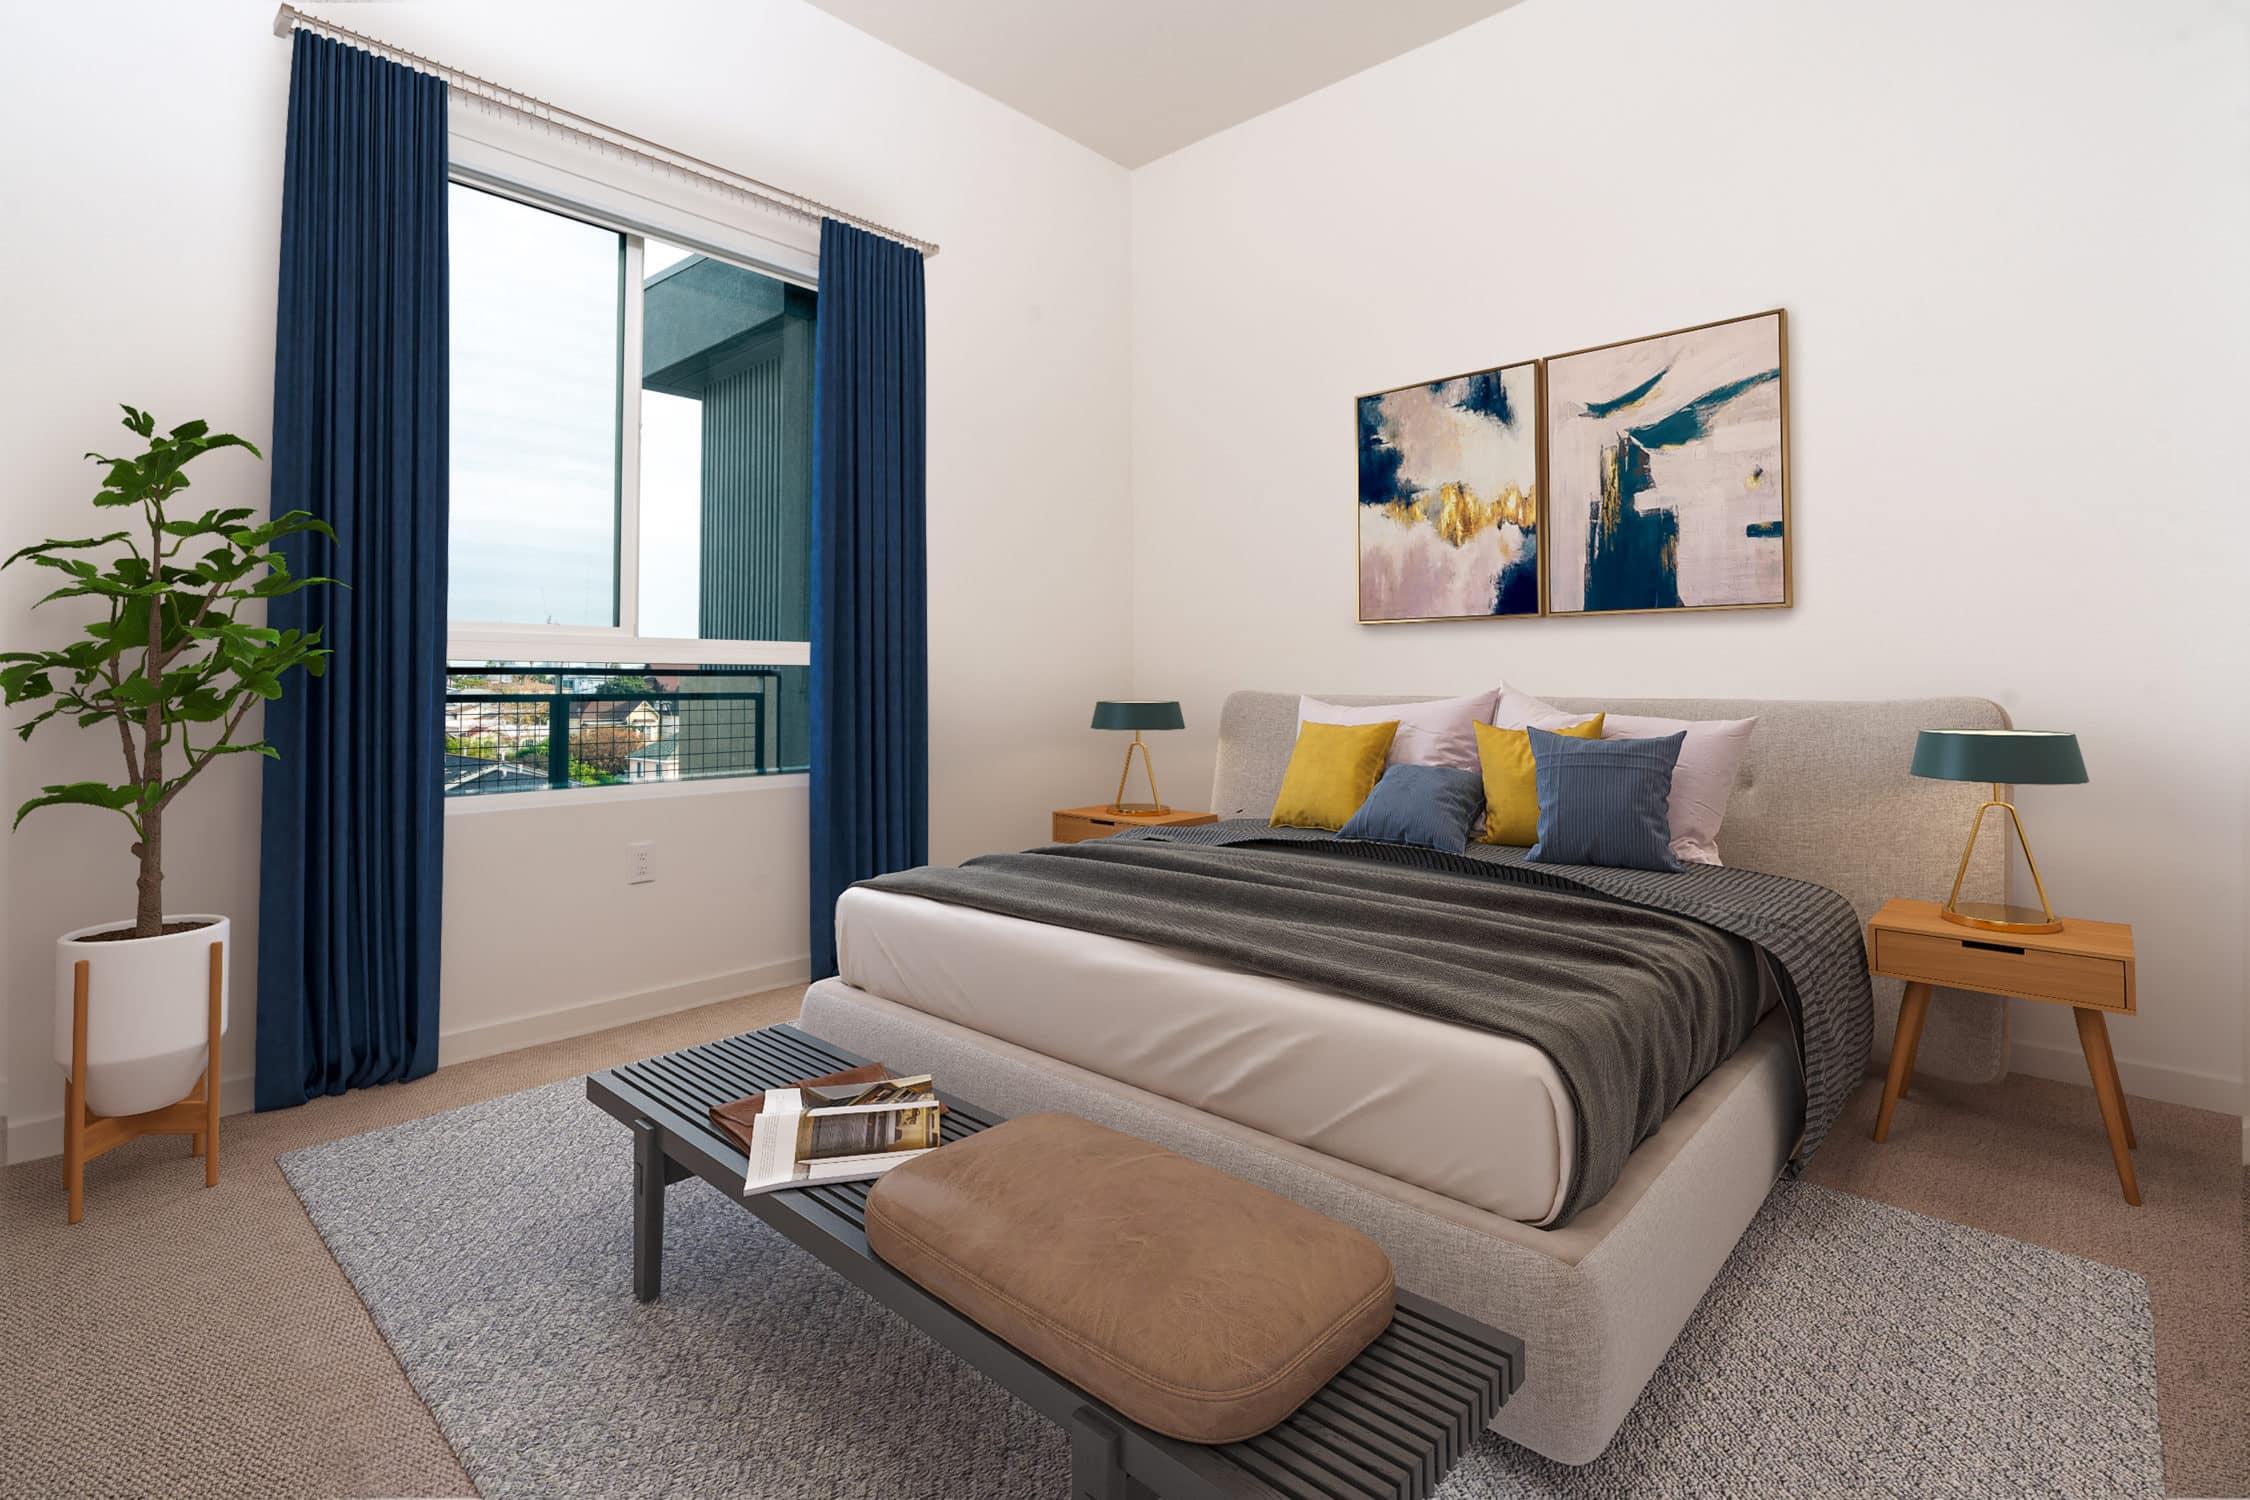 12PH Alexan Bahay PH16 Bedroom Rendering